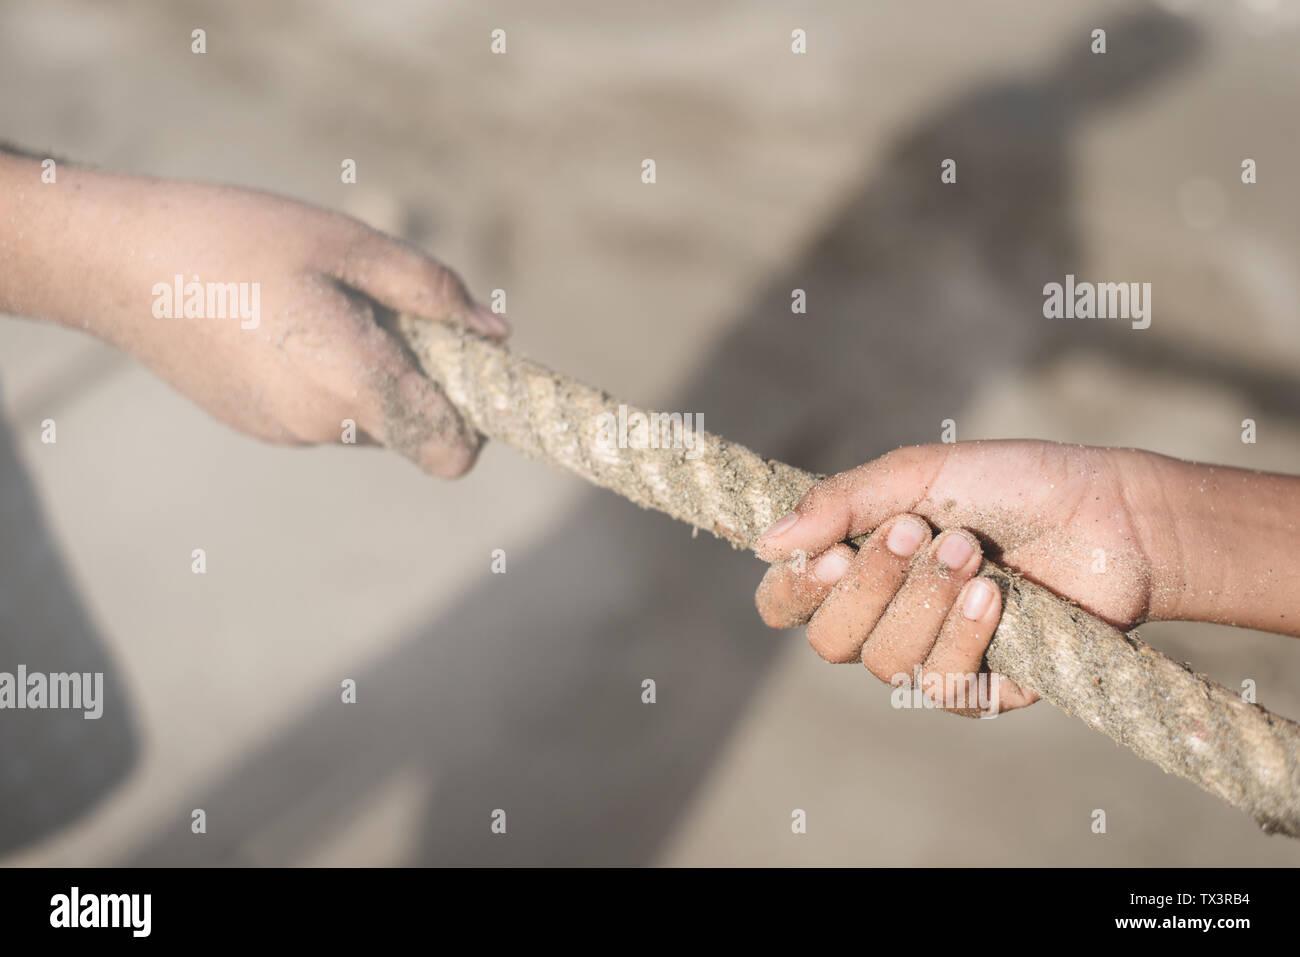 Libre de mains tirant une corde. concept d'équipe, effort et rival Photo Stock